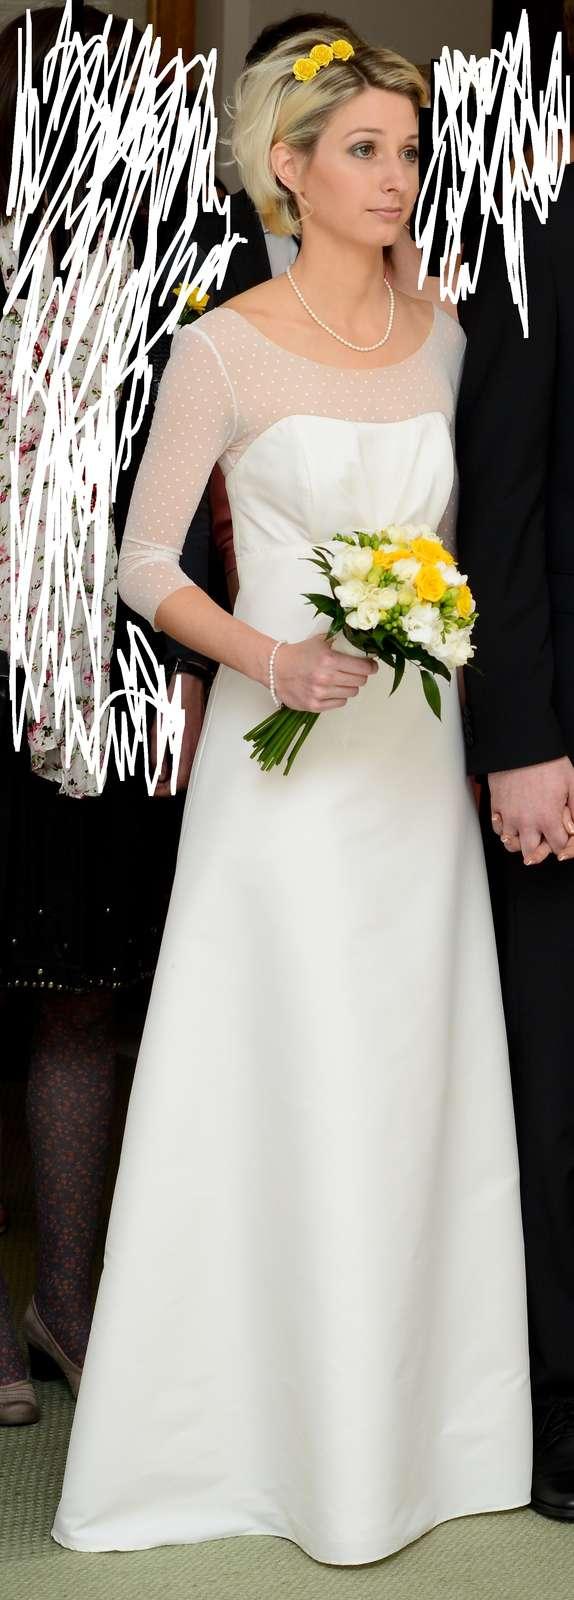 Jednoduché svatební šaty s 3/4 rukávy vel. 32-34  - Obrázek č. 1